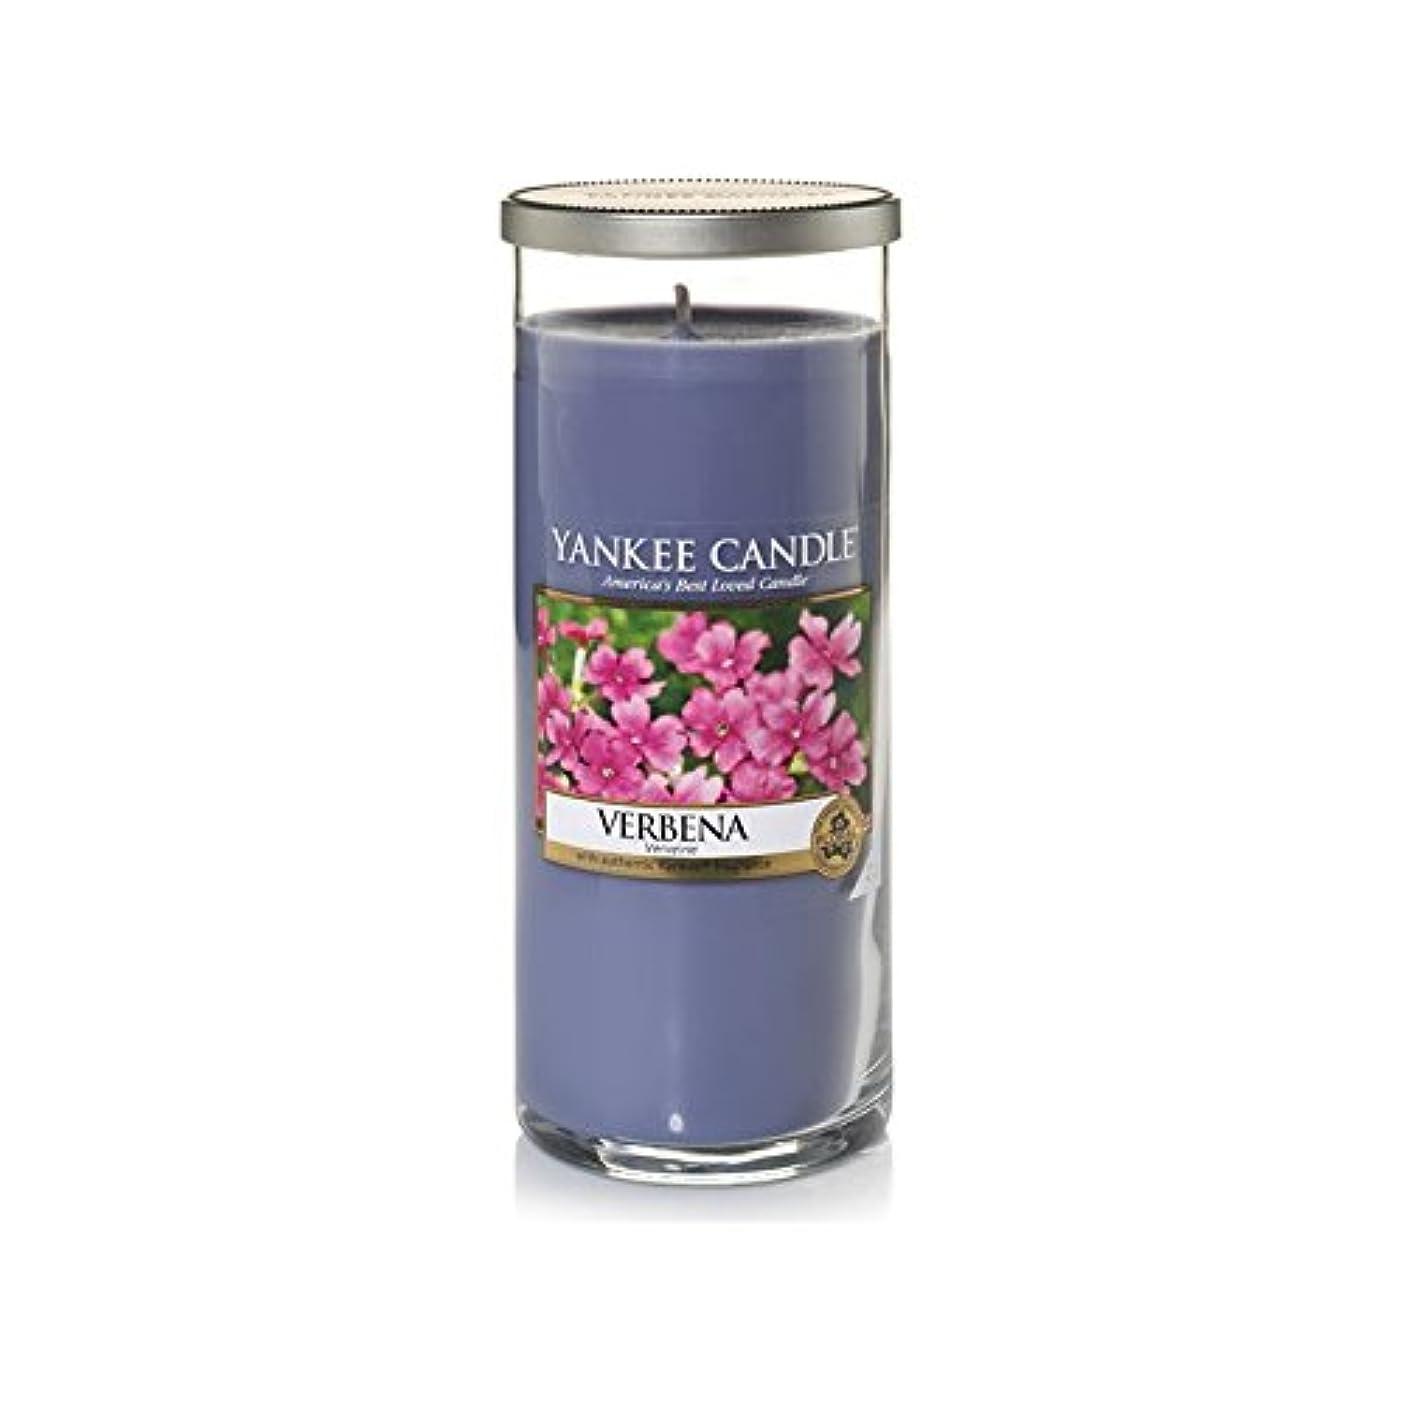 洗練されたハリケーン幻滅ヤンキーキャンドル大きな柱キャンドル - バーベナ - Yankee Candles Large Pillar Candle - Verbena (Yankee Candles) [並行輸入品]